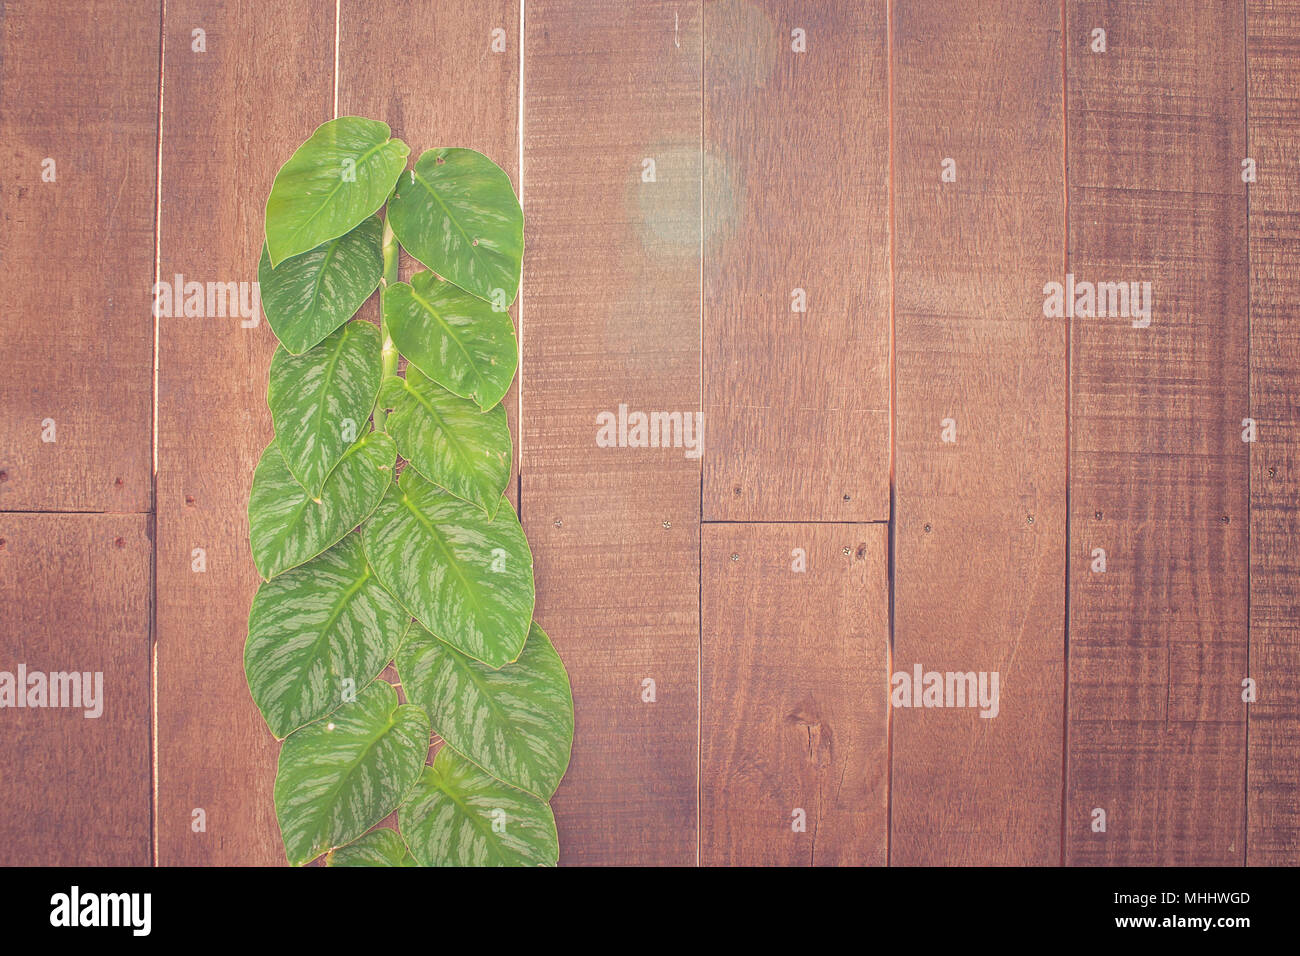 Decorazioni In Legno Per Pareti : Decori in legno per pareti galleria di immagini